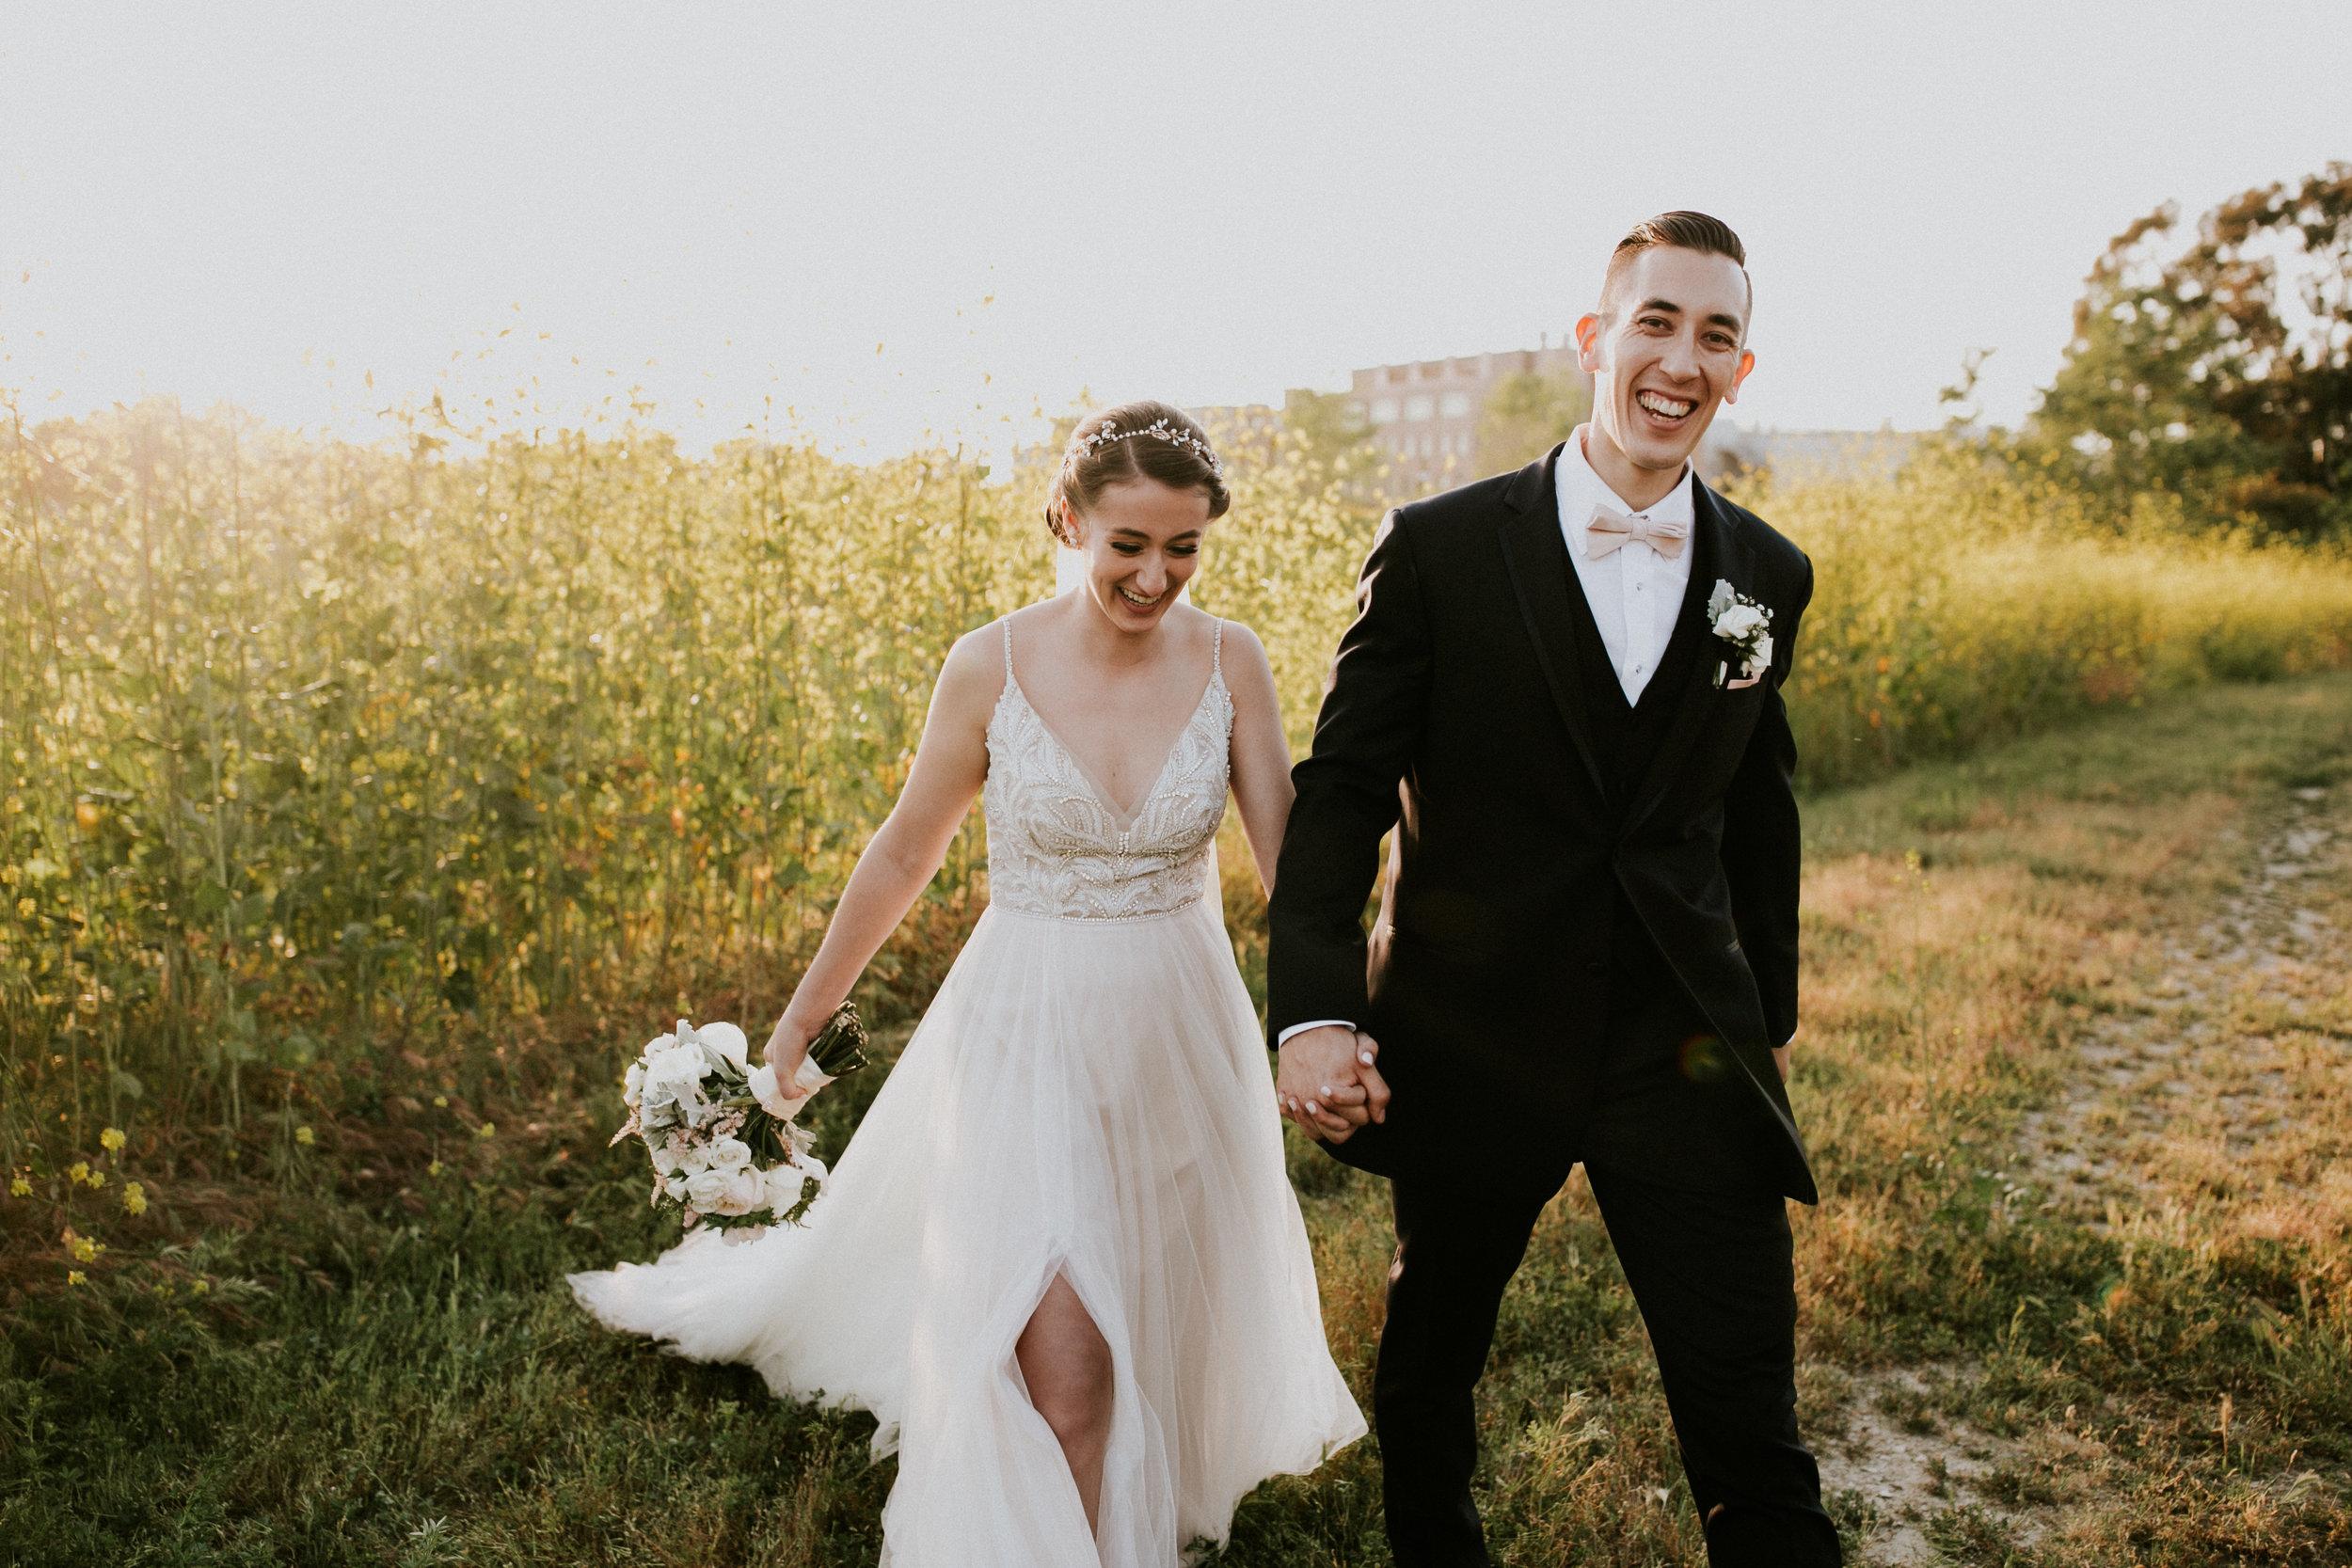 erin&george_married_485106.jpg